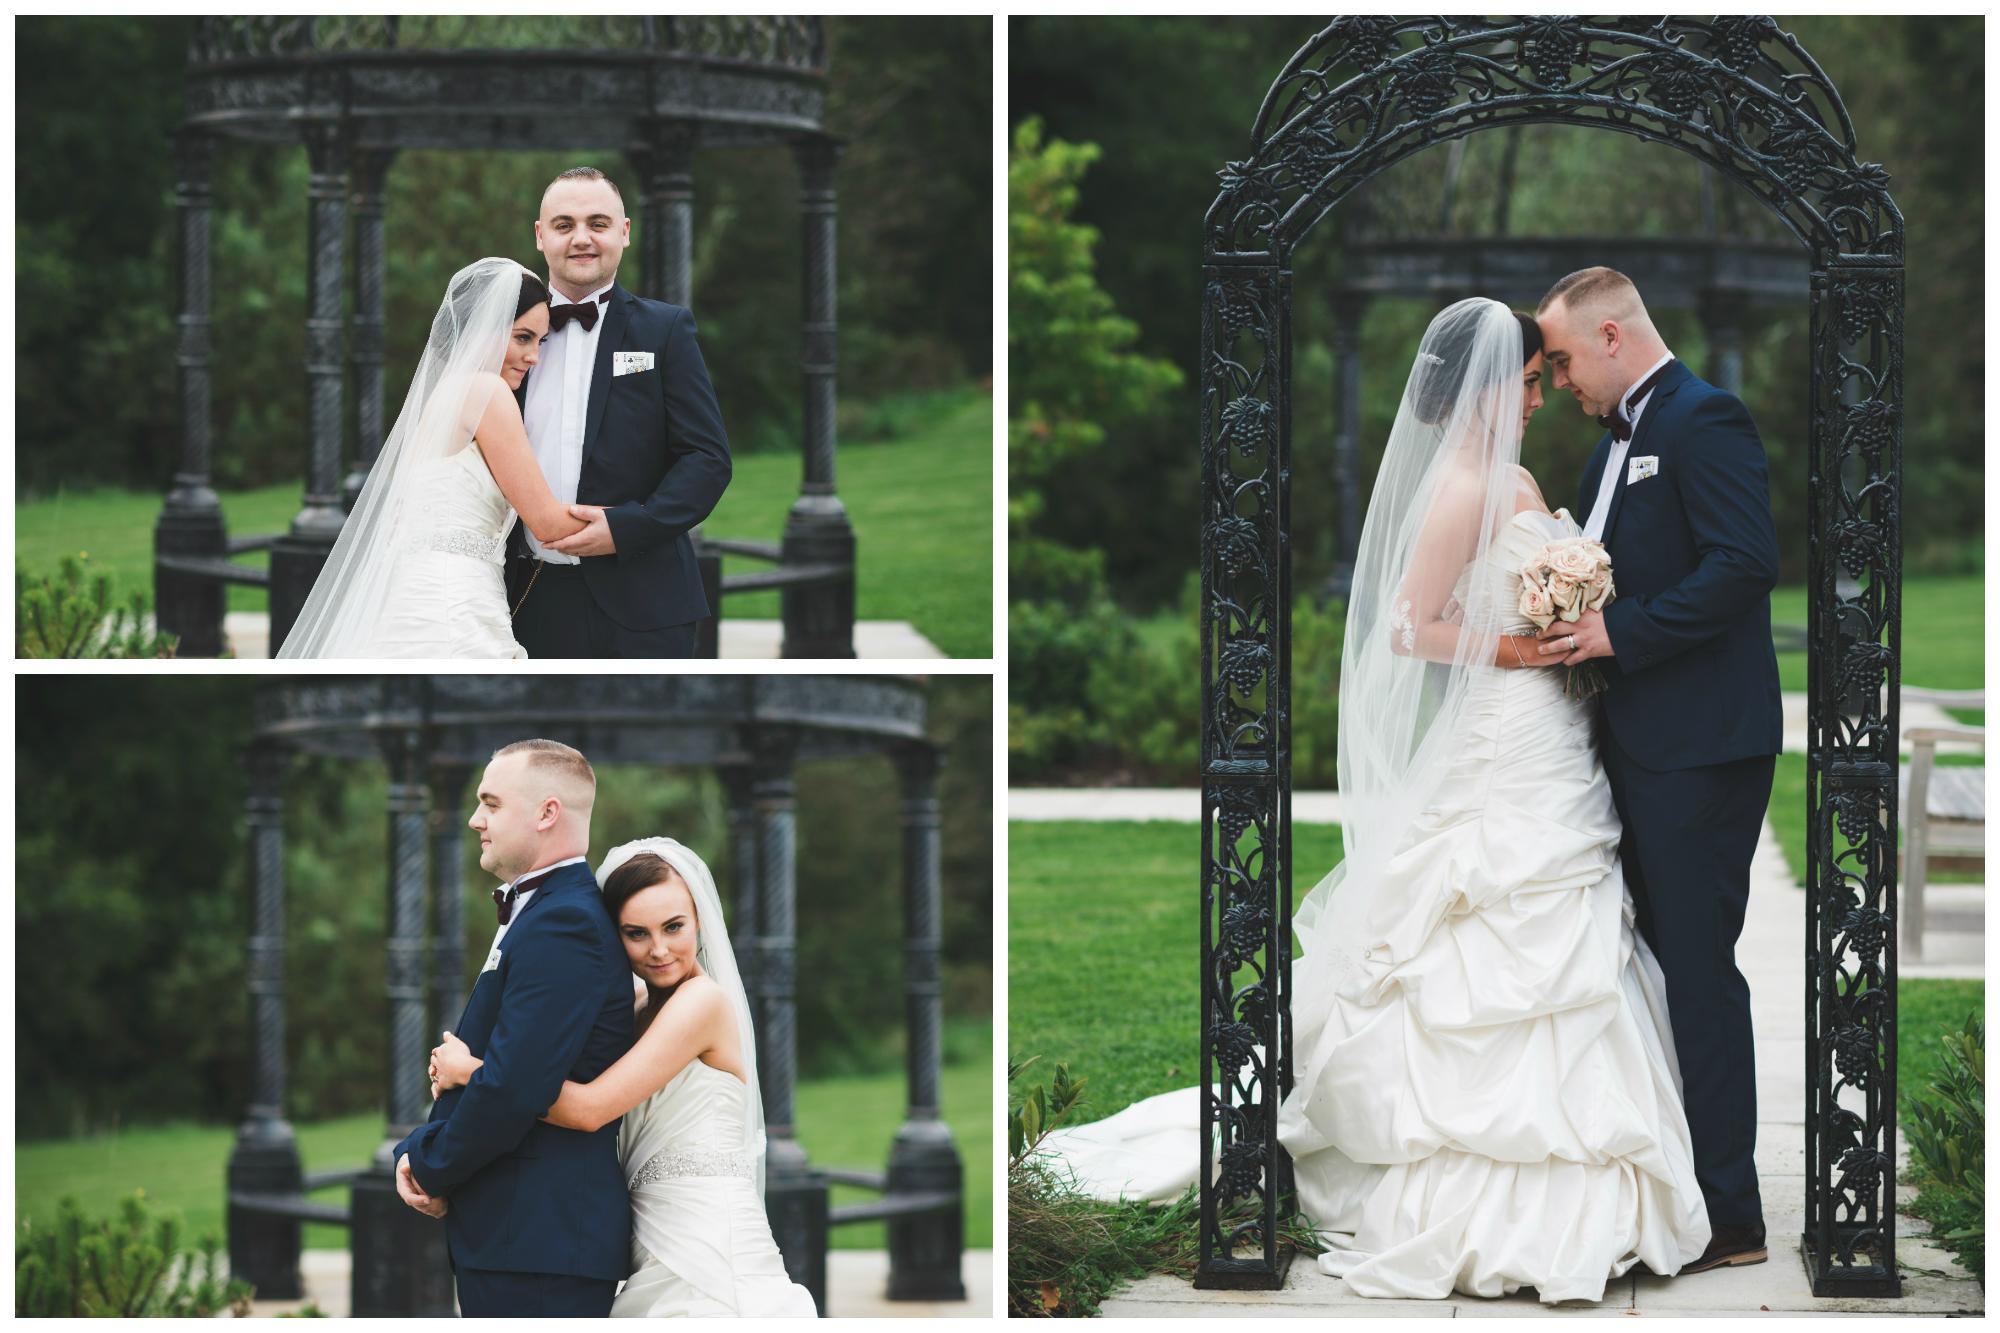 Wedding_Photographer_Purephotoni_Dunsilly_Hotel_Wedding_Makeup_Bridesmaids.jpg